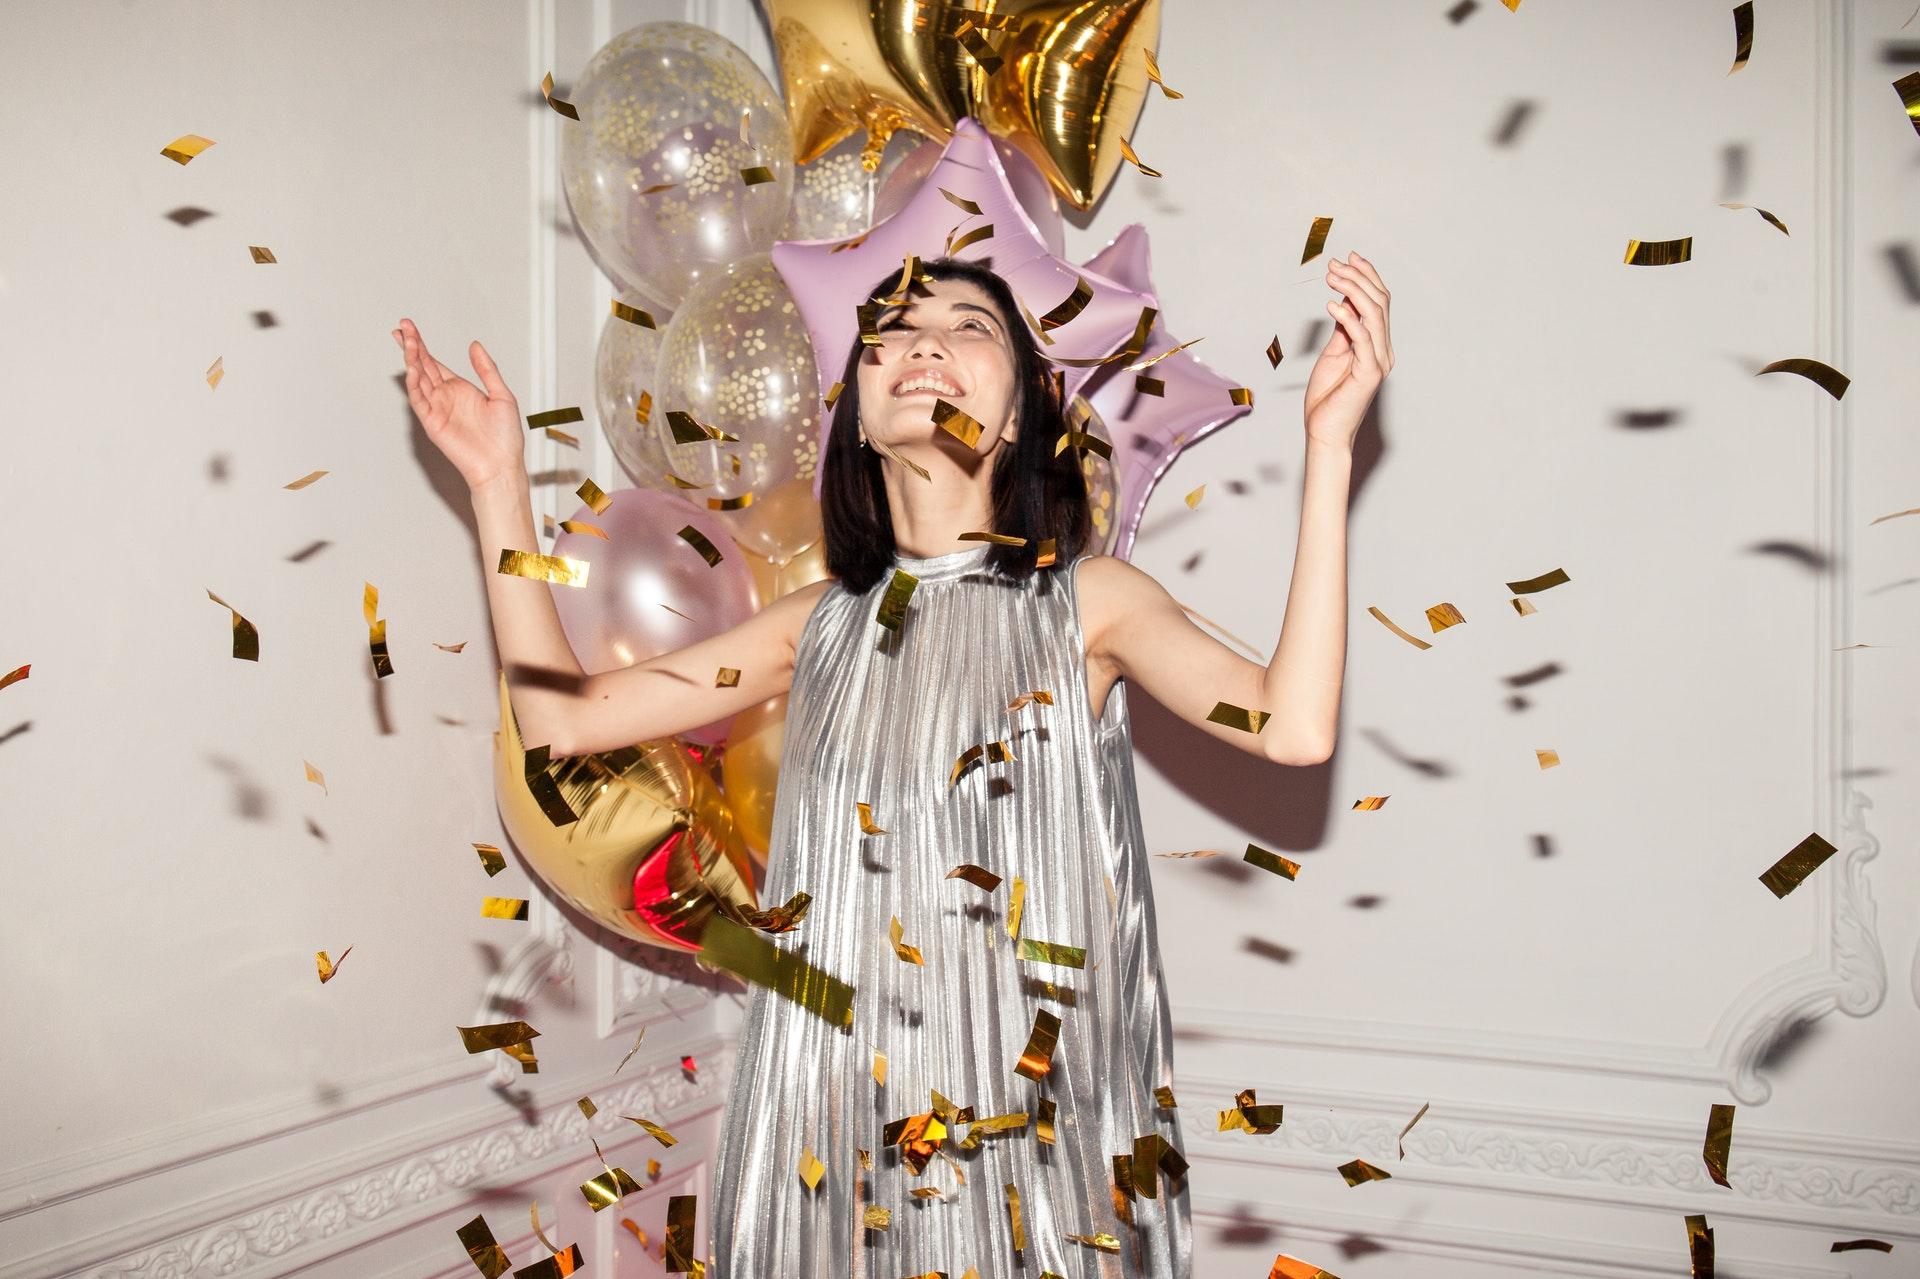 Chica sonriendo con confetis y globos hinchables